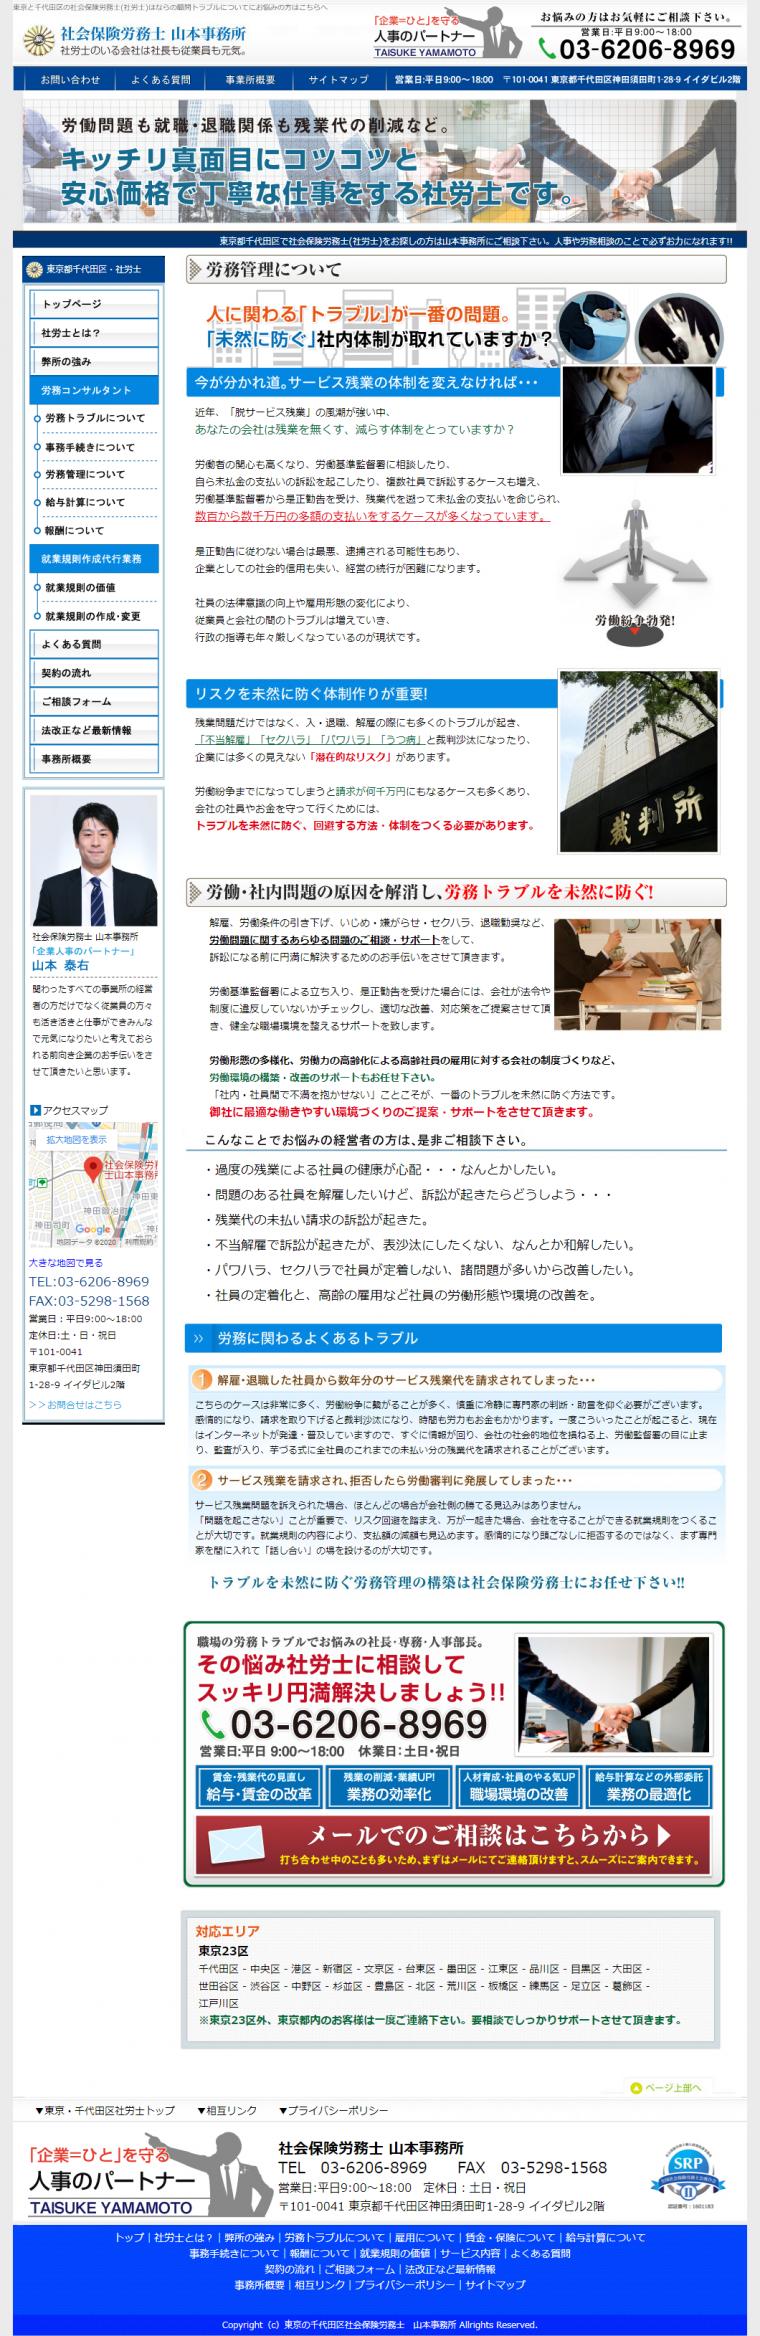 社会保険労務士山本事務所